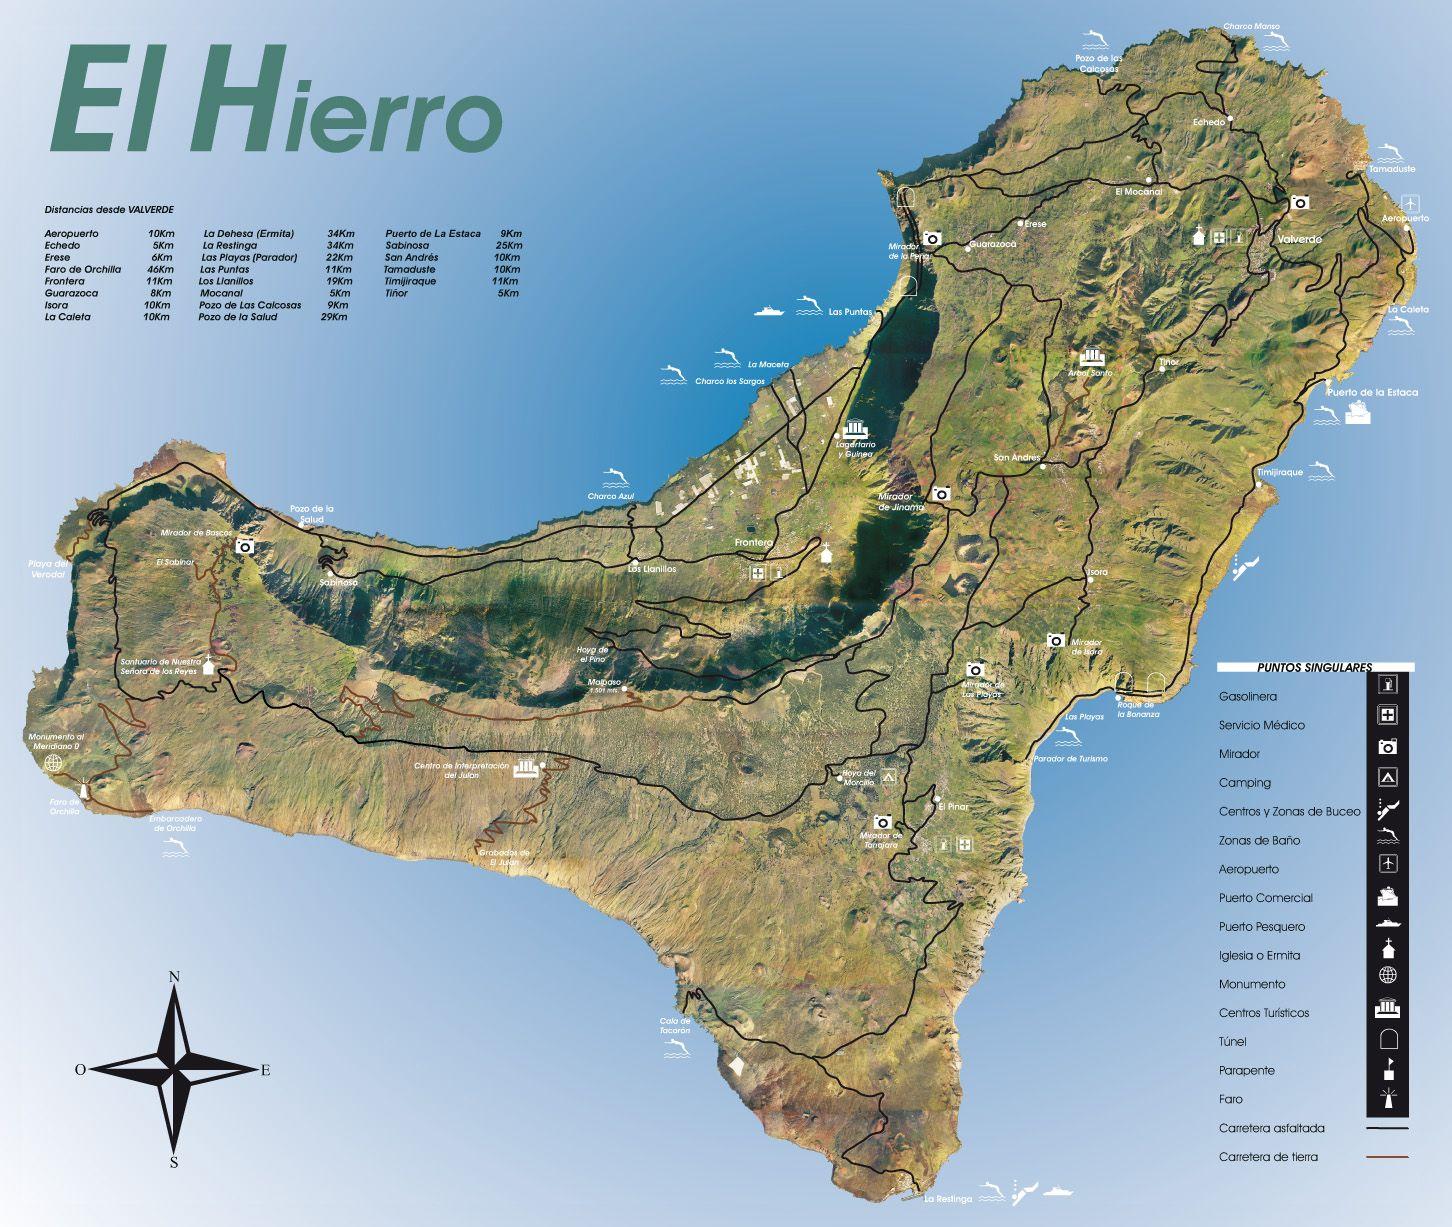 Mapa de la isla El Hierro la ms pequea de las Islas Canarias